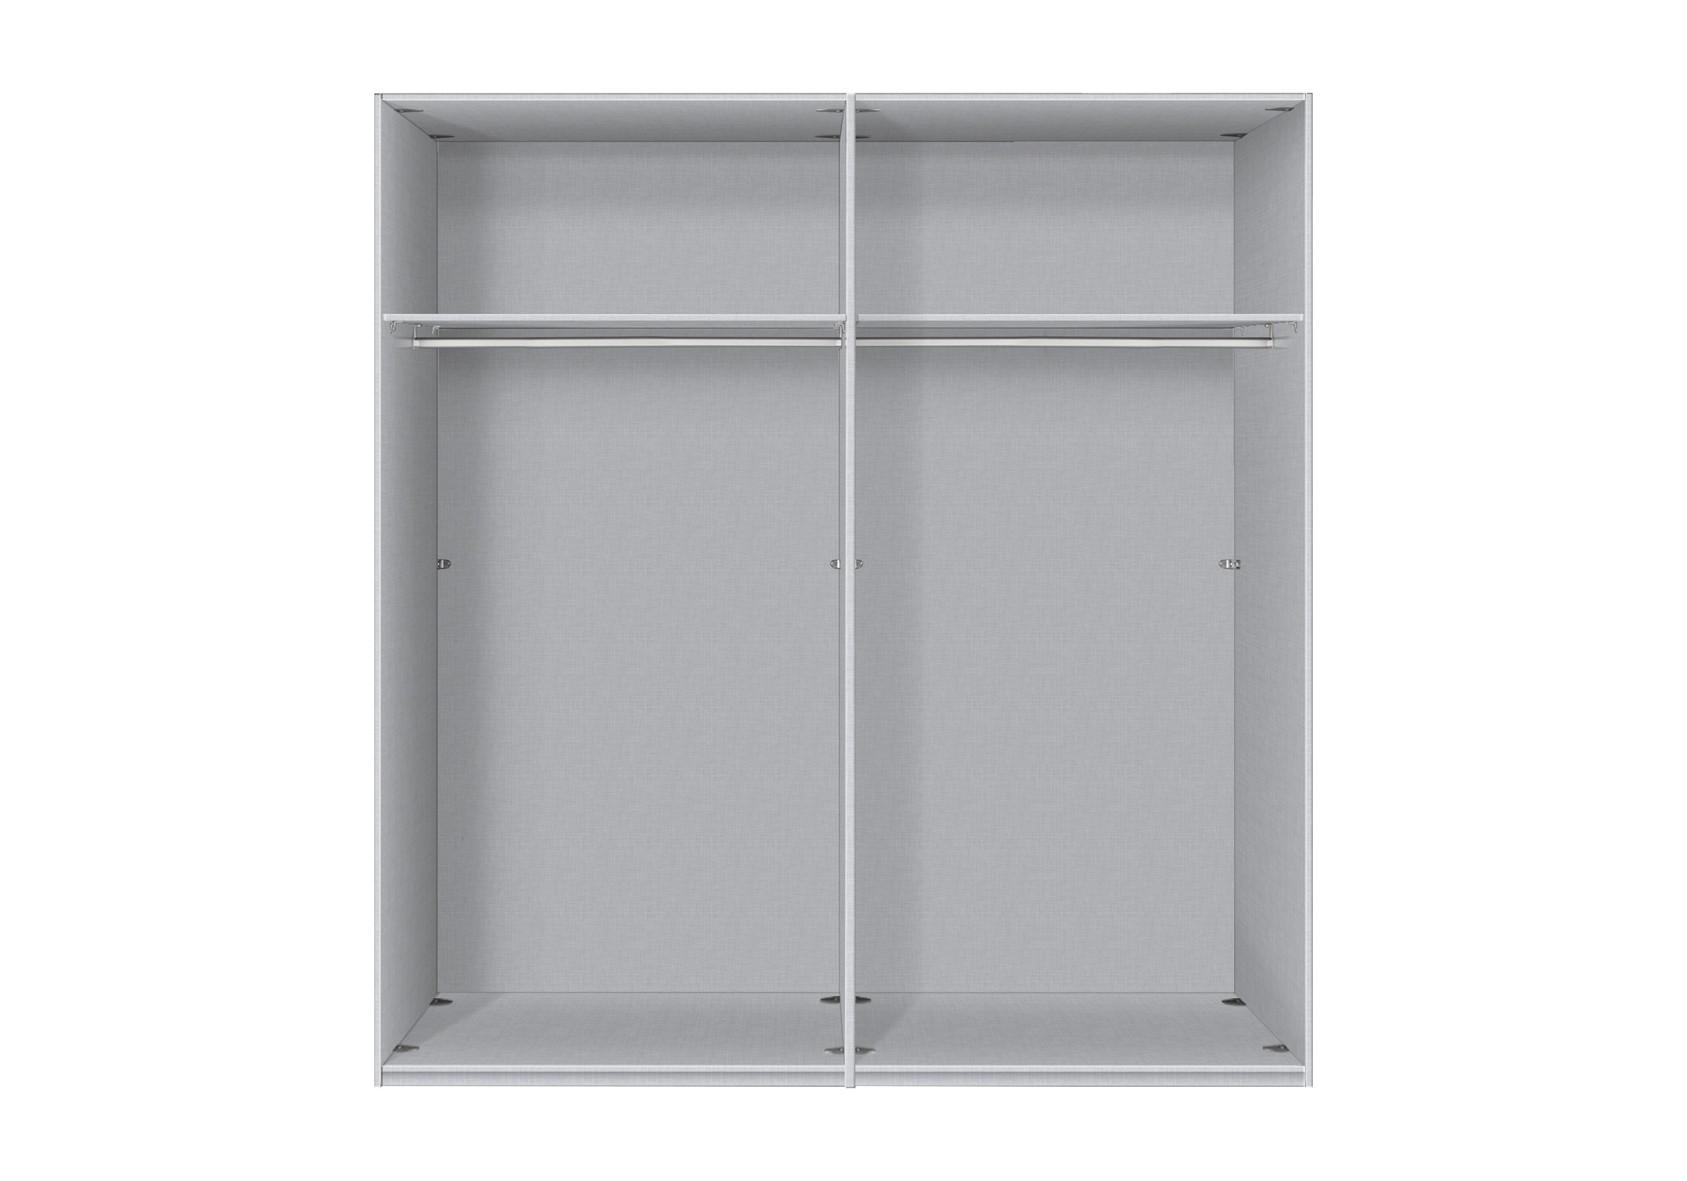 wei hochglanz 150 cm breit great badmbelset mailand mit waschtisch teilig cm breit with wei. Black Bedroom Furniture Sets. Home Design Ideas